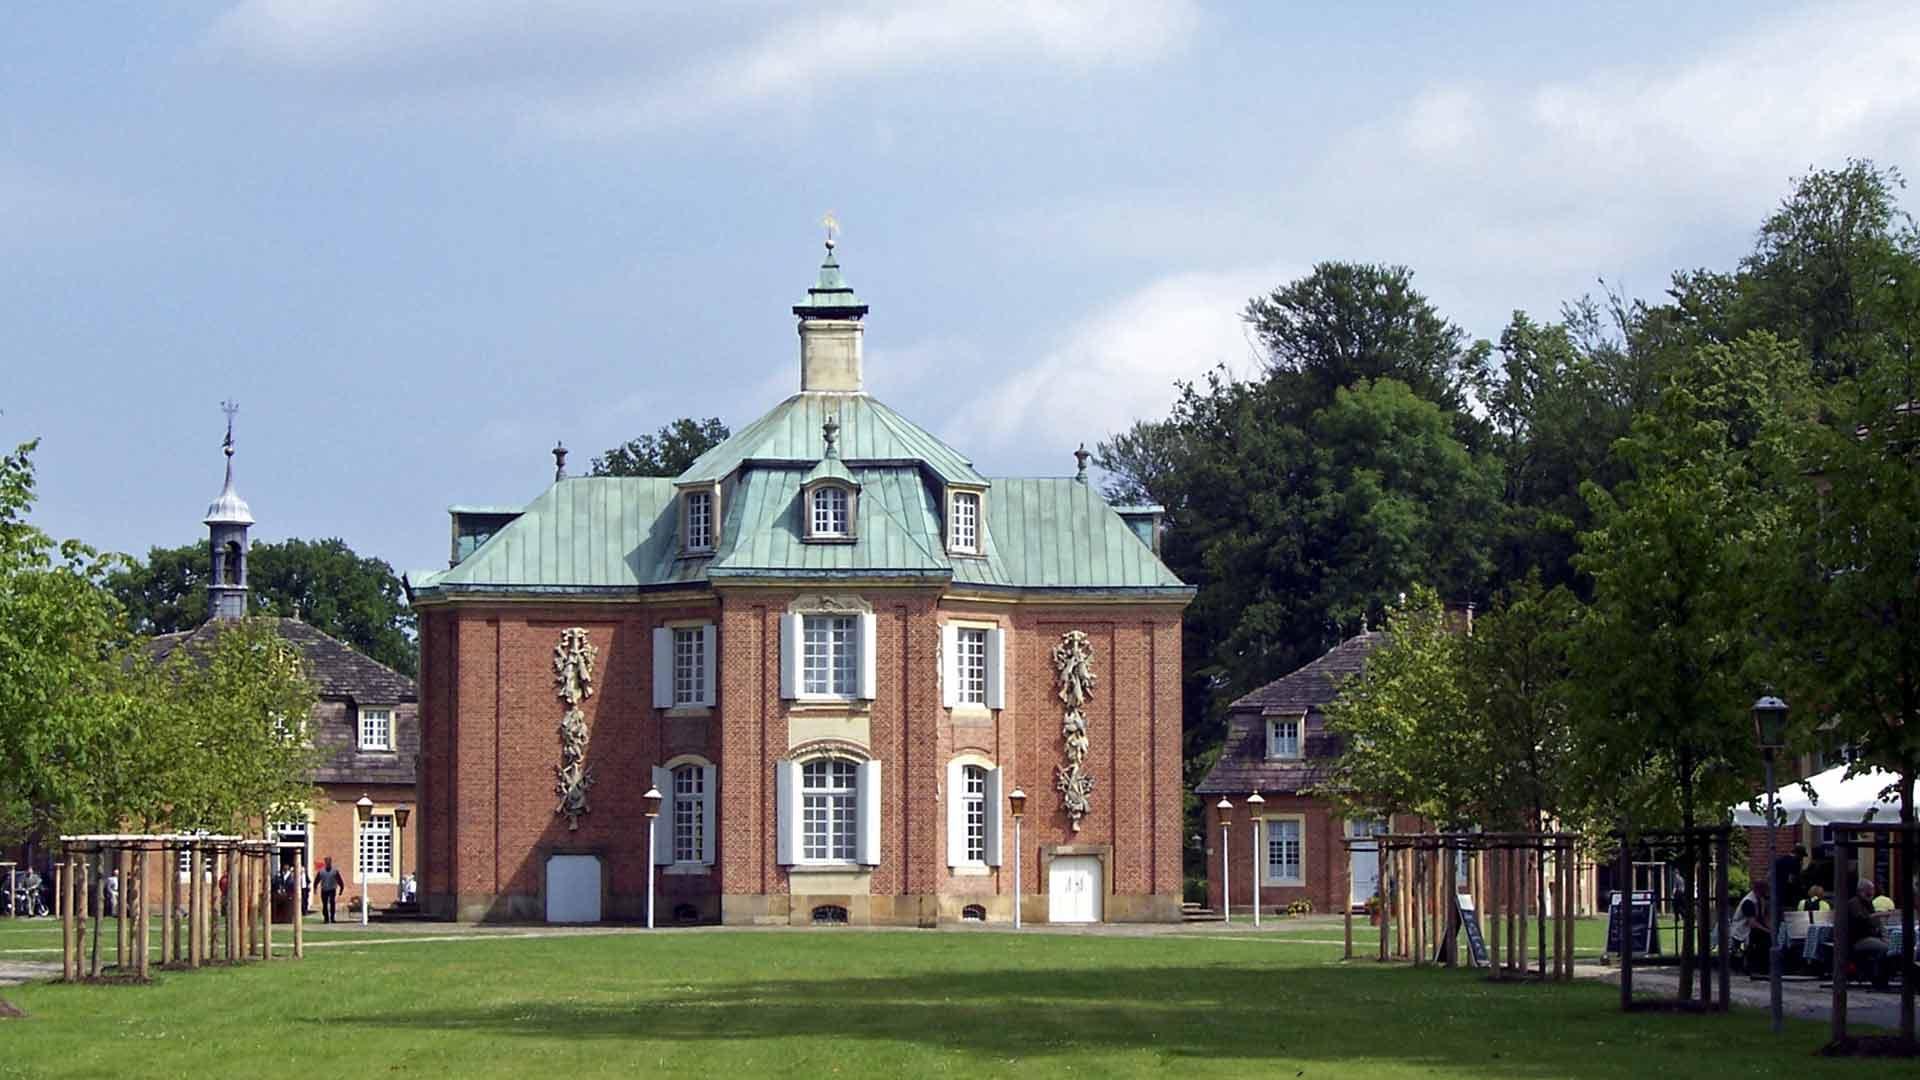 Het barokke jachtslot Clemenswerth is een van de hoogtepunten tijdens je fietsvakantie door het Emsland.